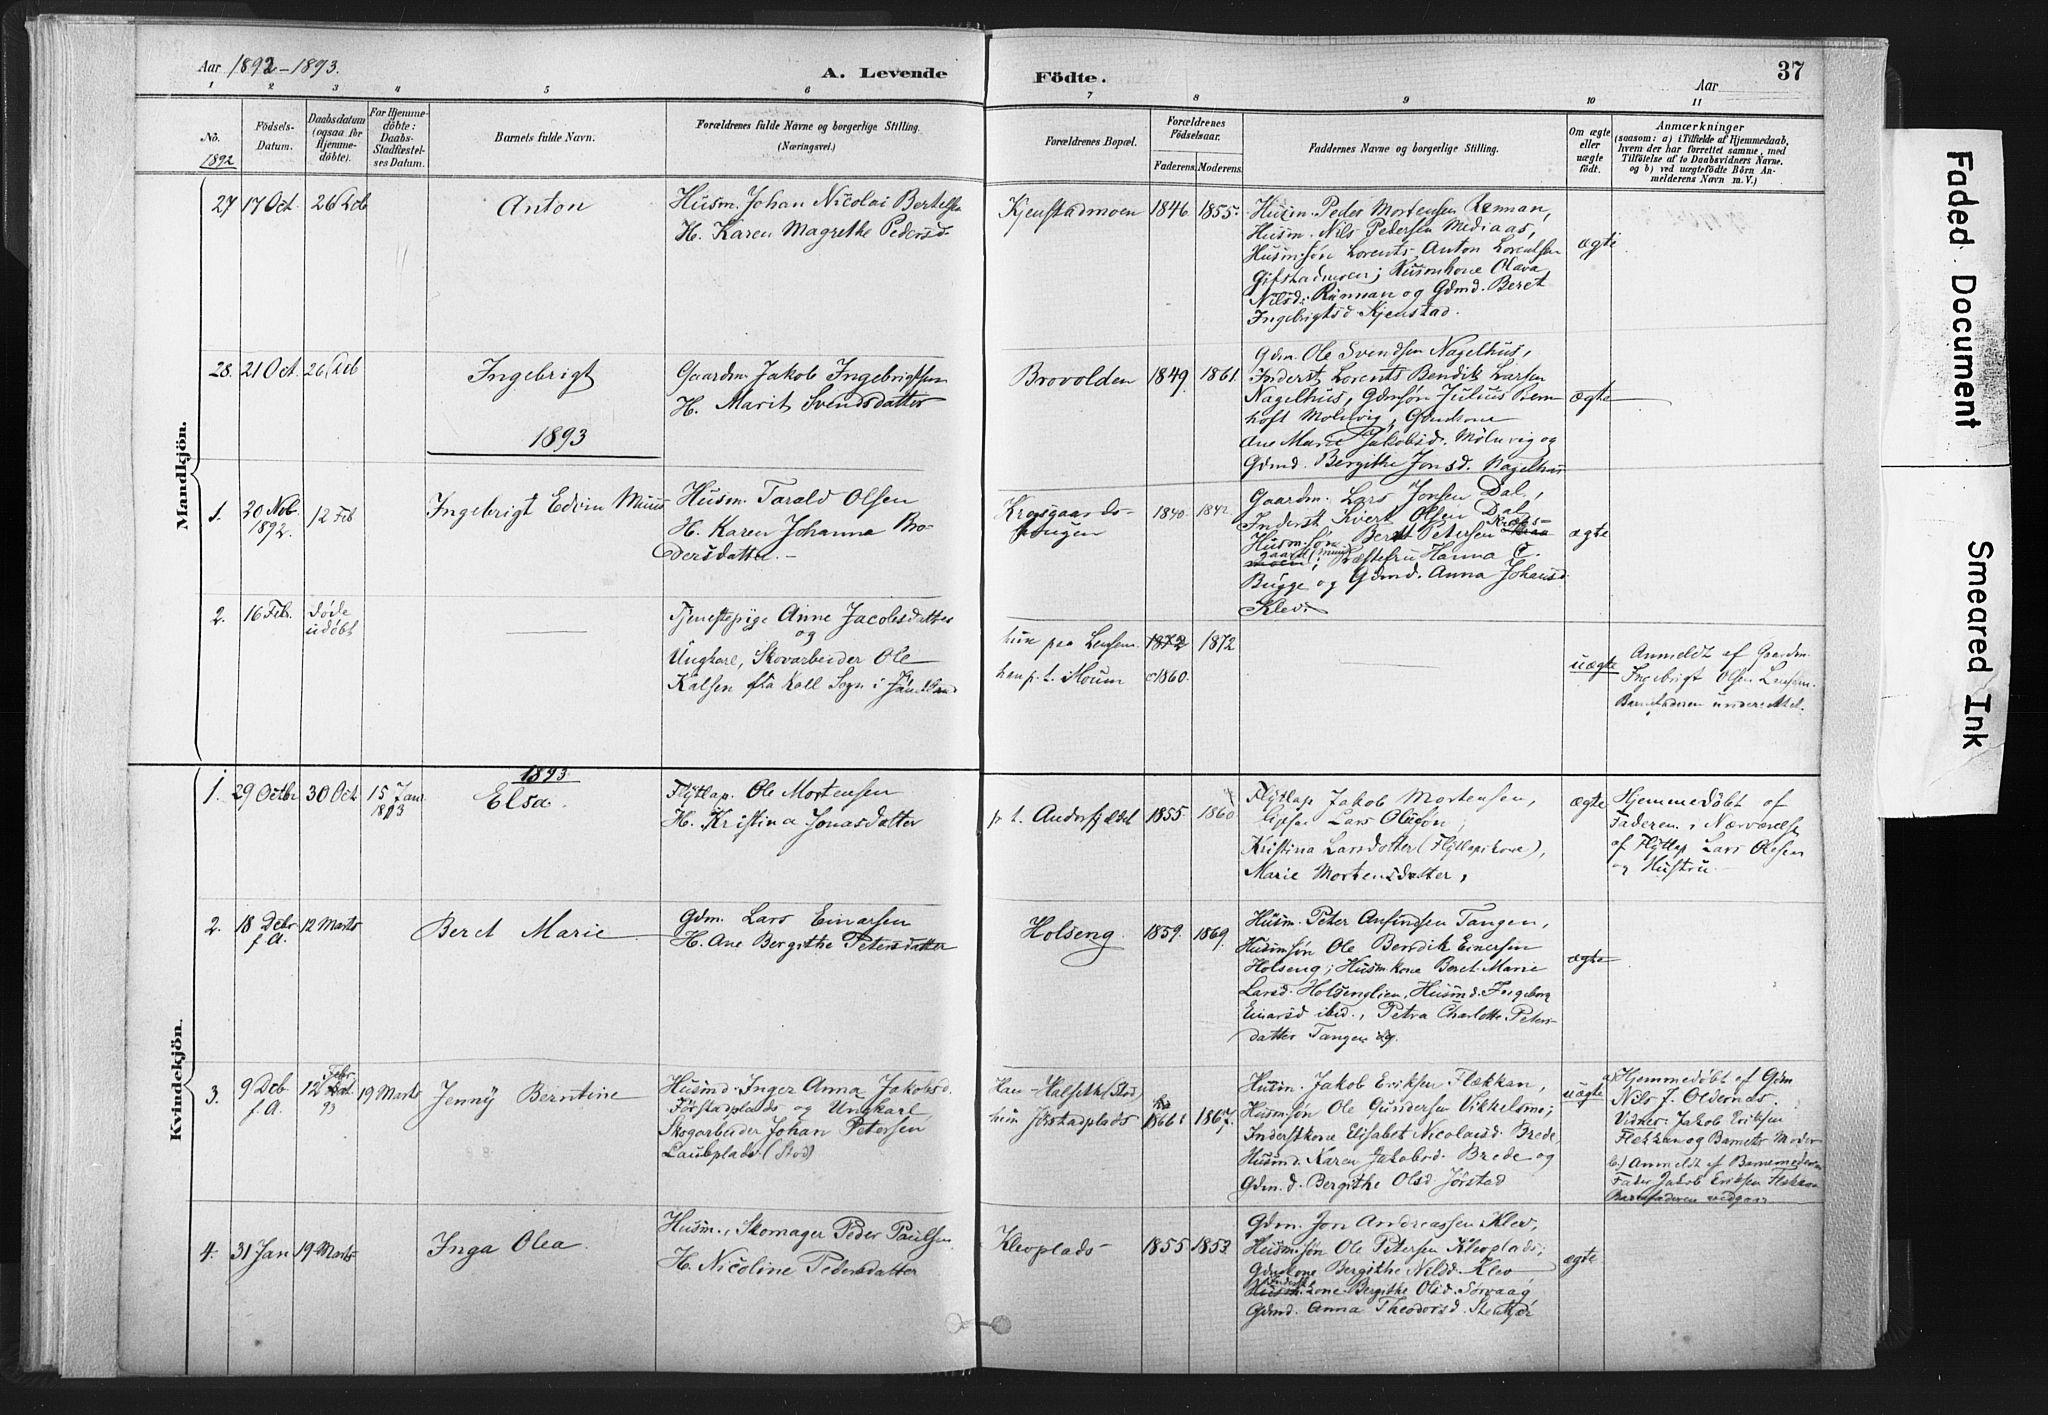 SAT, Ministerialprotokoller, klokkerbøker og fødselsregistre - Nord-Trøndelag, 749/L0474: Ministerialbok nr. 749A08, 1887-1903, s. 37